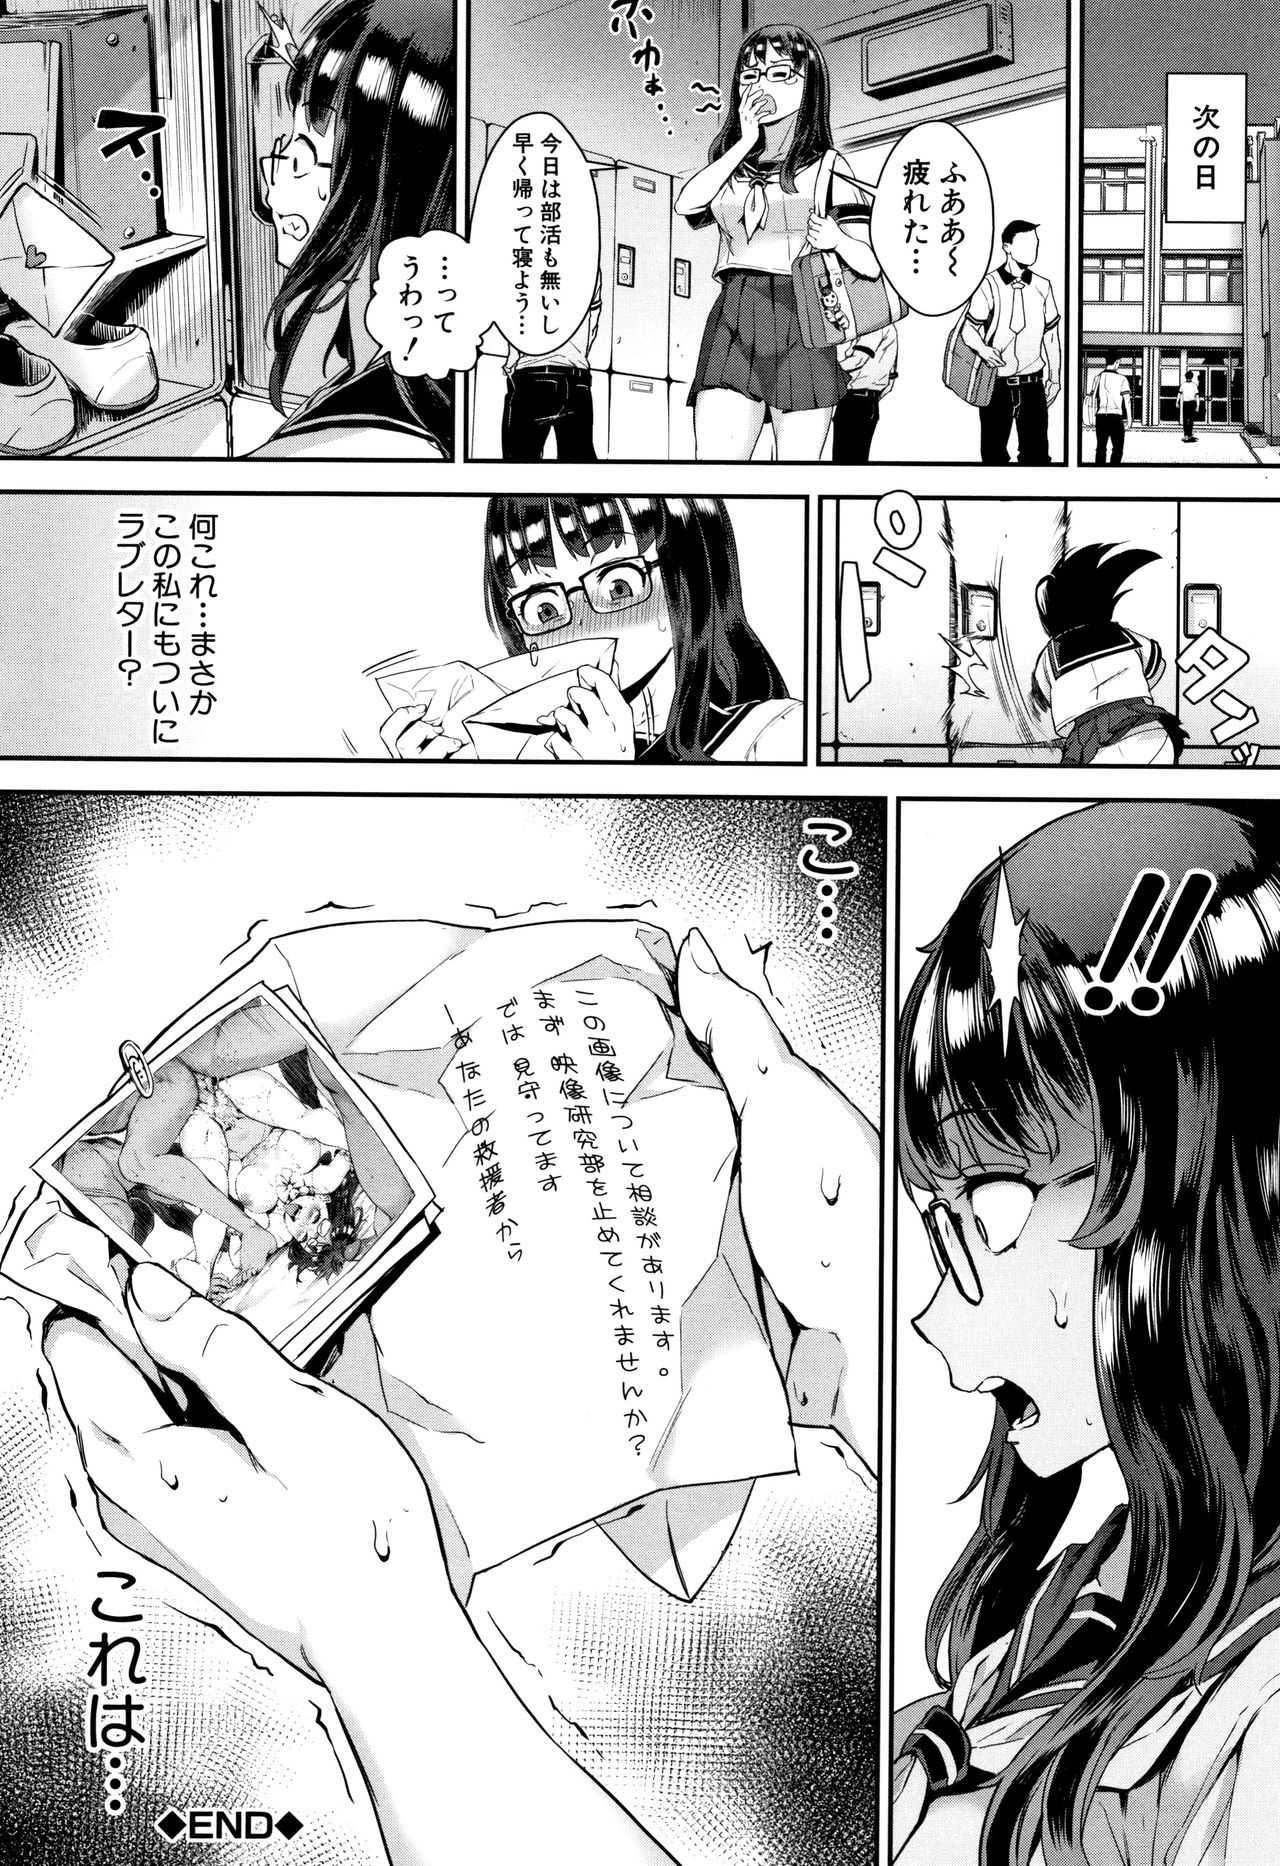 【エロ漫画】(3/7話)全裸で校内セックス大冒険する映像を撮られることになったJK…スリリングなセックスにマンコは大洪水www【ジャイロウ:何か怪しい映像研究部scene2】